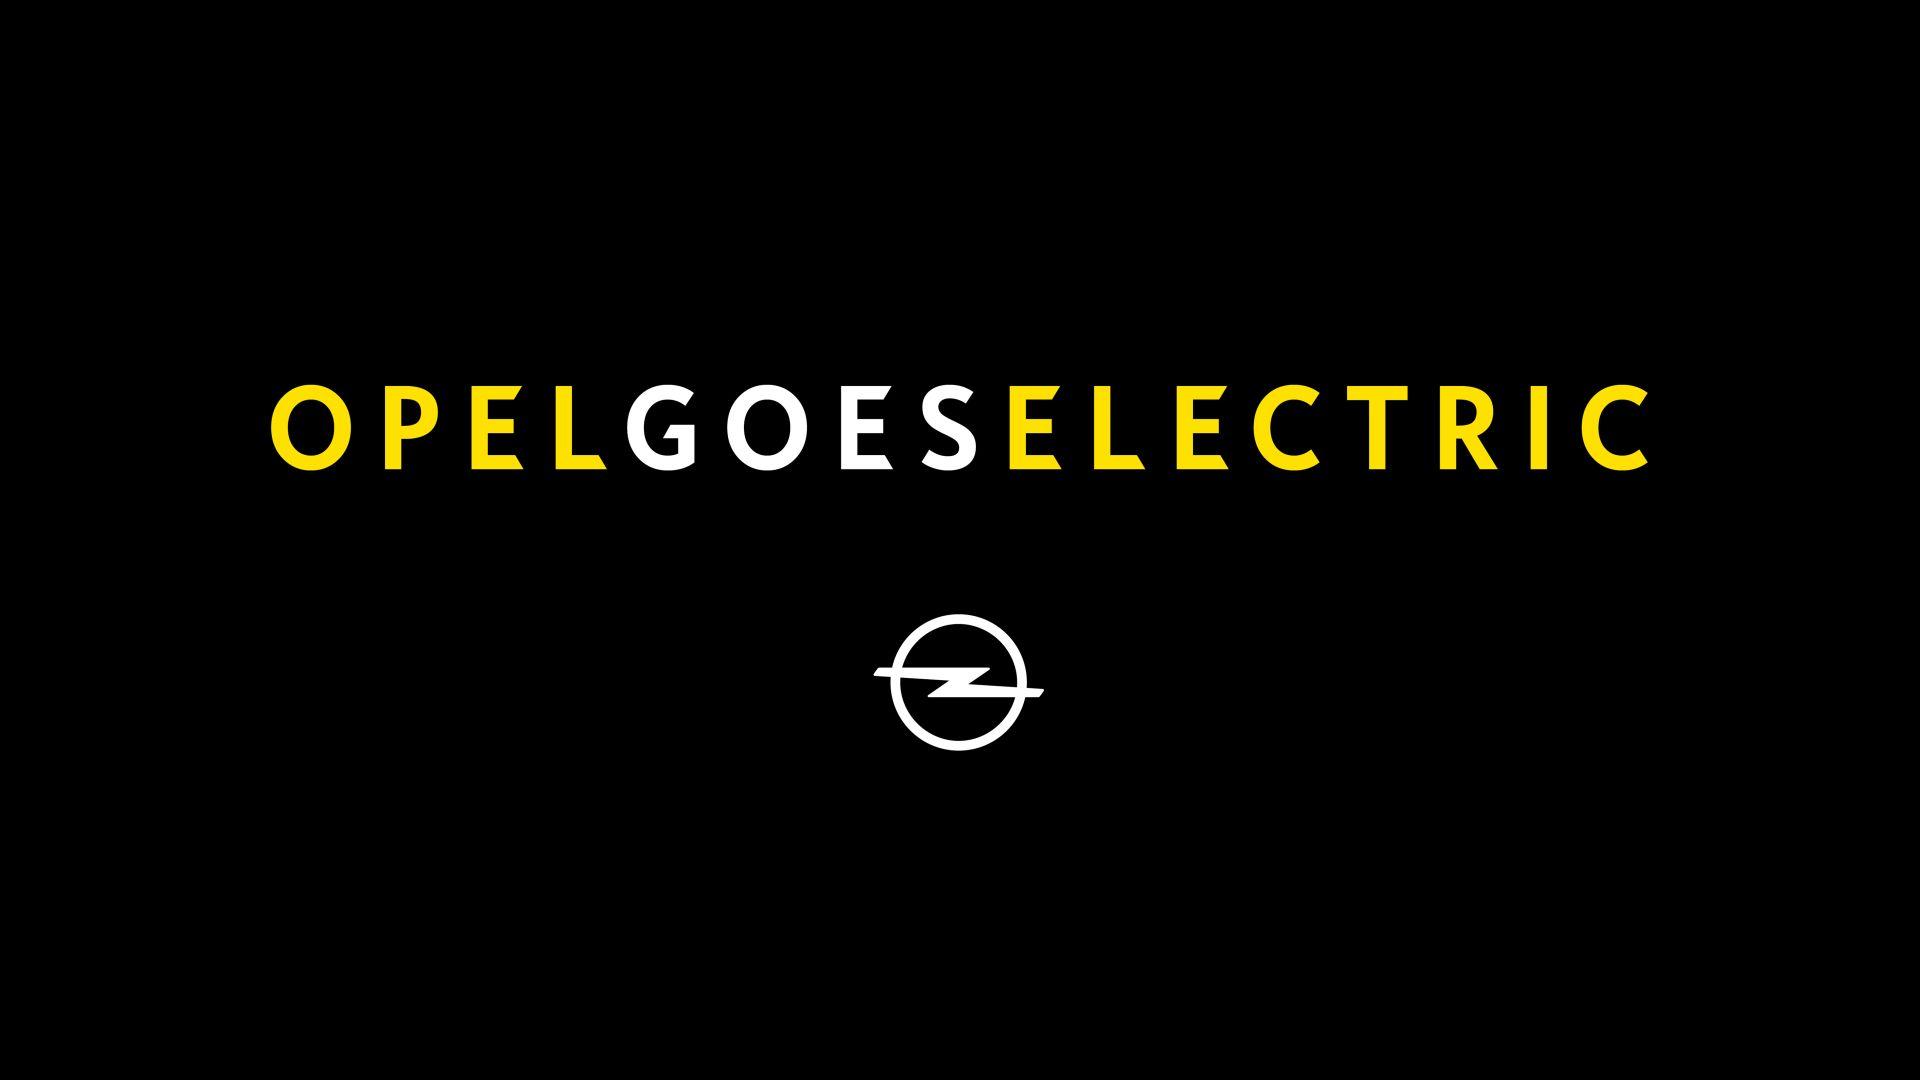 Opel treibt E-Offensive weiter voran: Weitere E-Fahrzeuge angekündigt